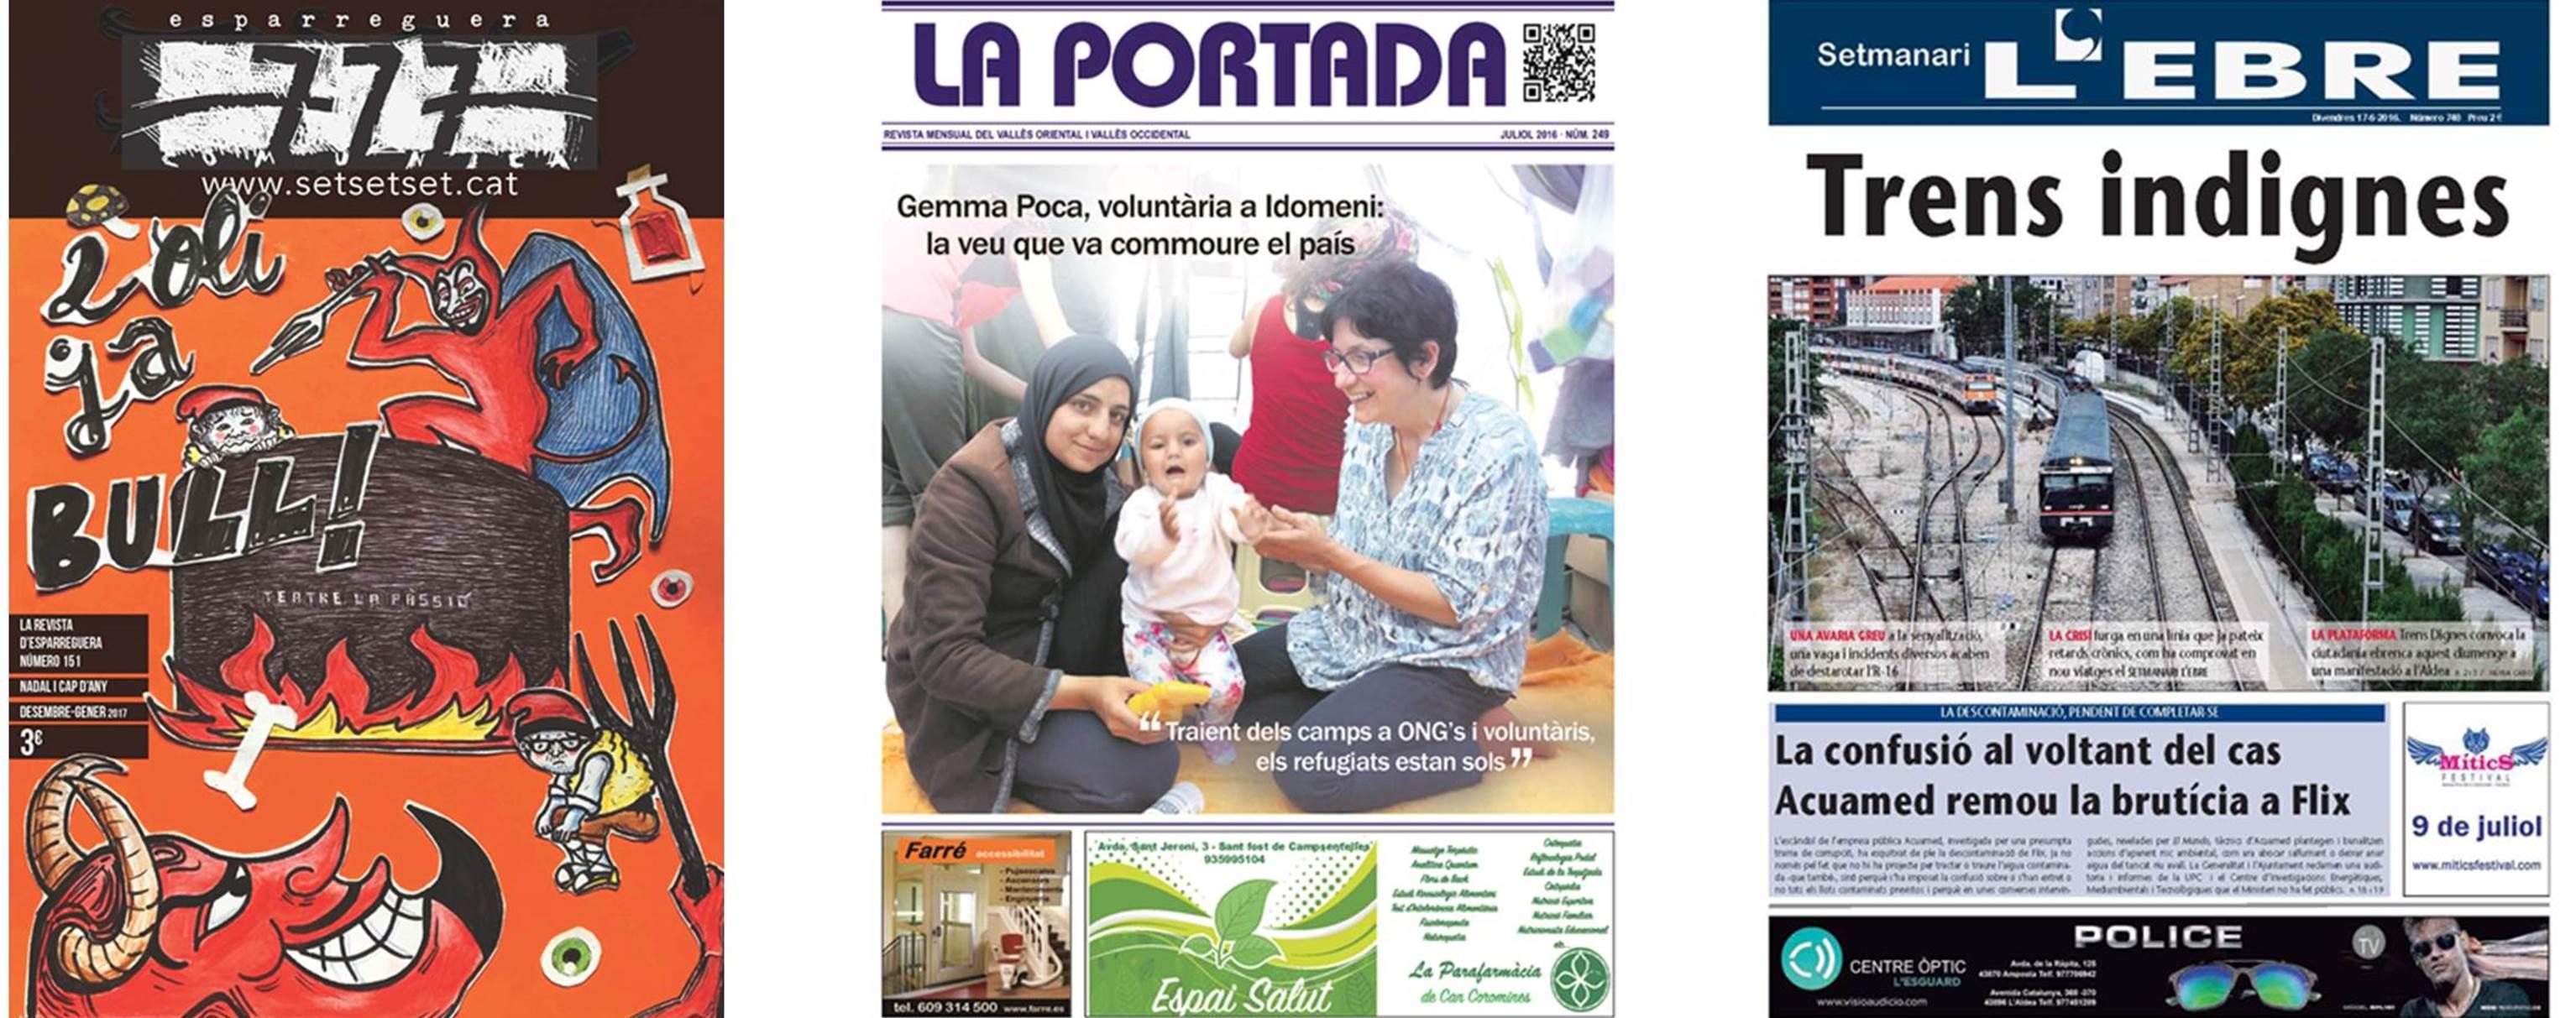 L'Ebre, La Portada i 777 Comunica, millors portades de l'any a la Premsa Comarcal